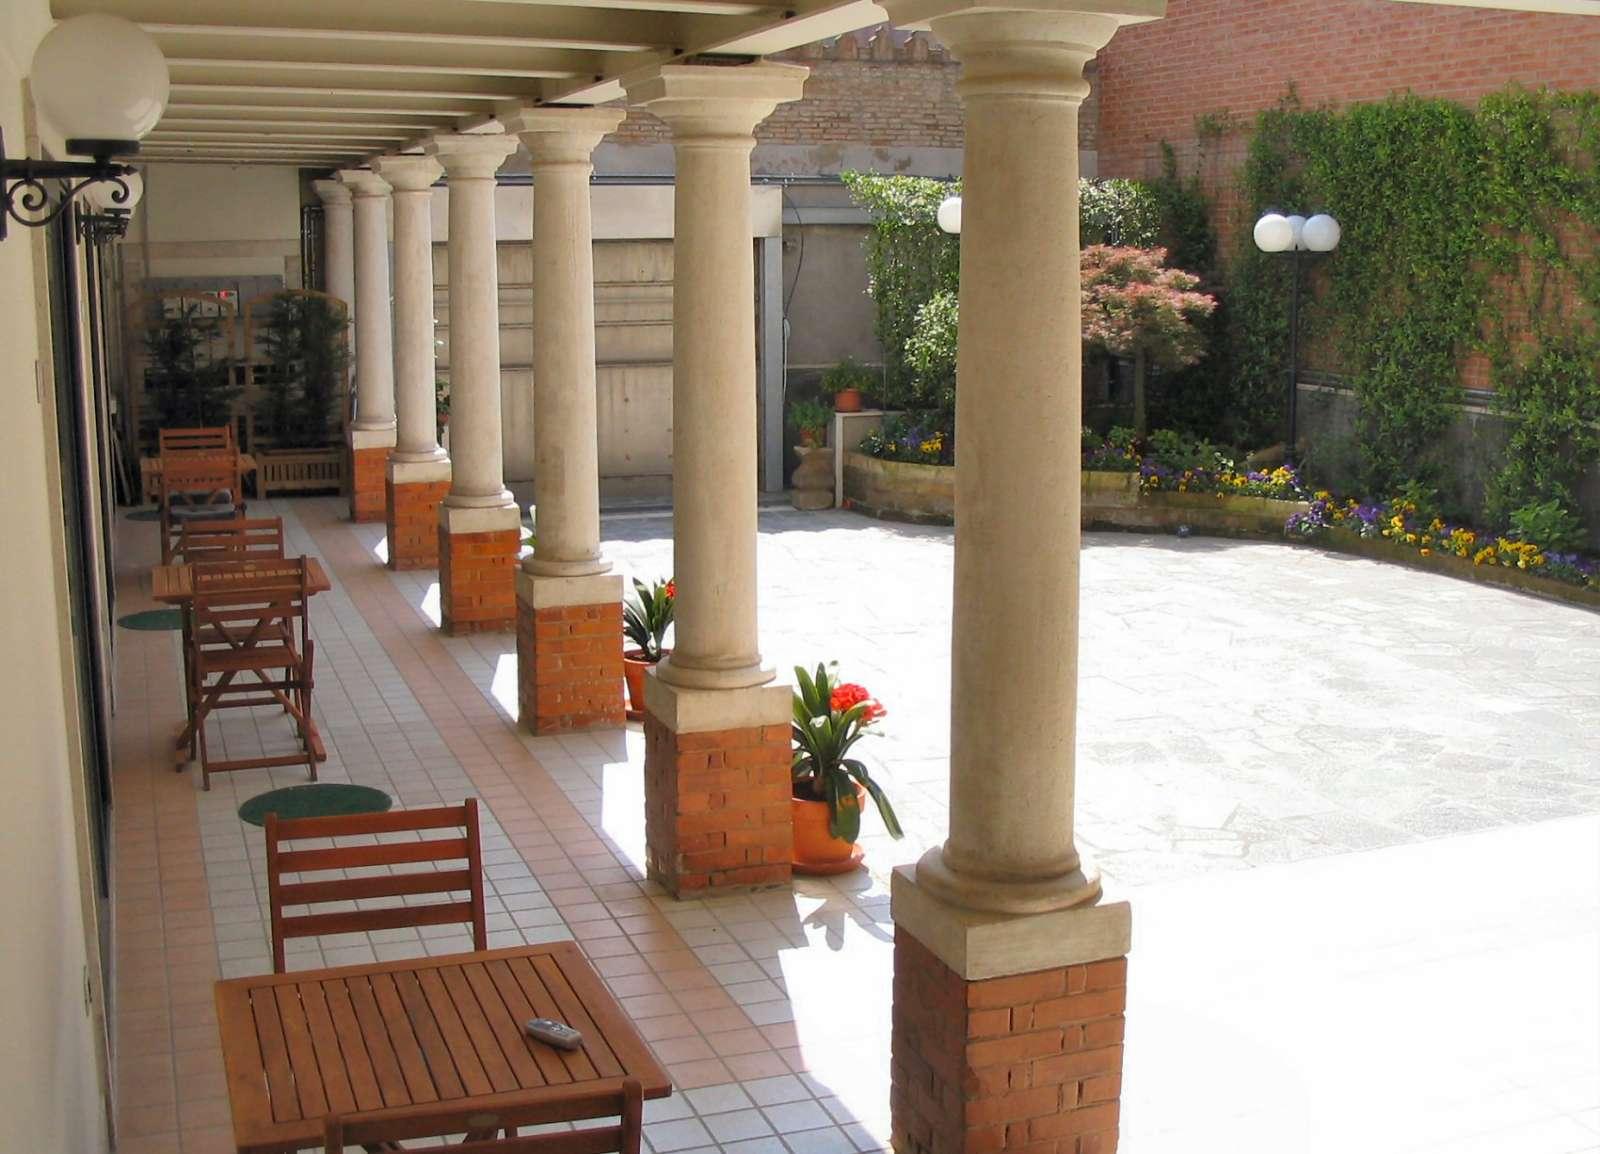 Les trois chambres possèdent une terrasse privée sous la colonnade